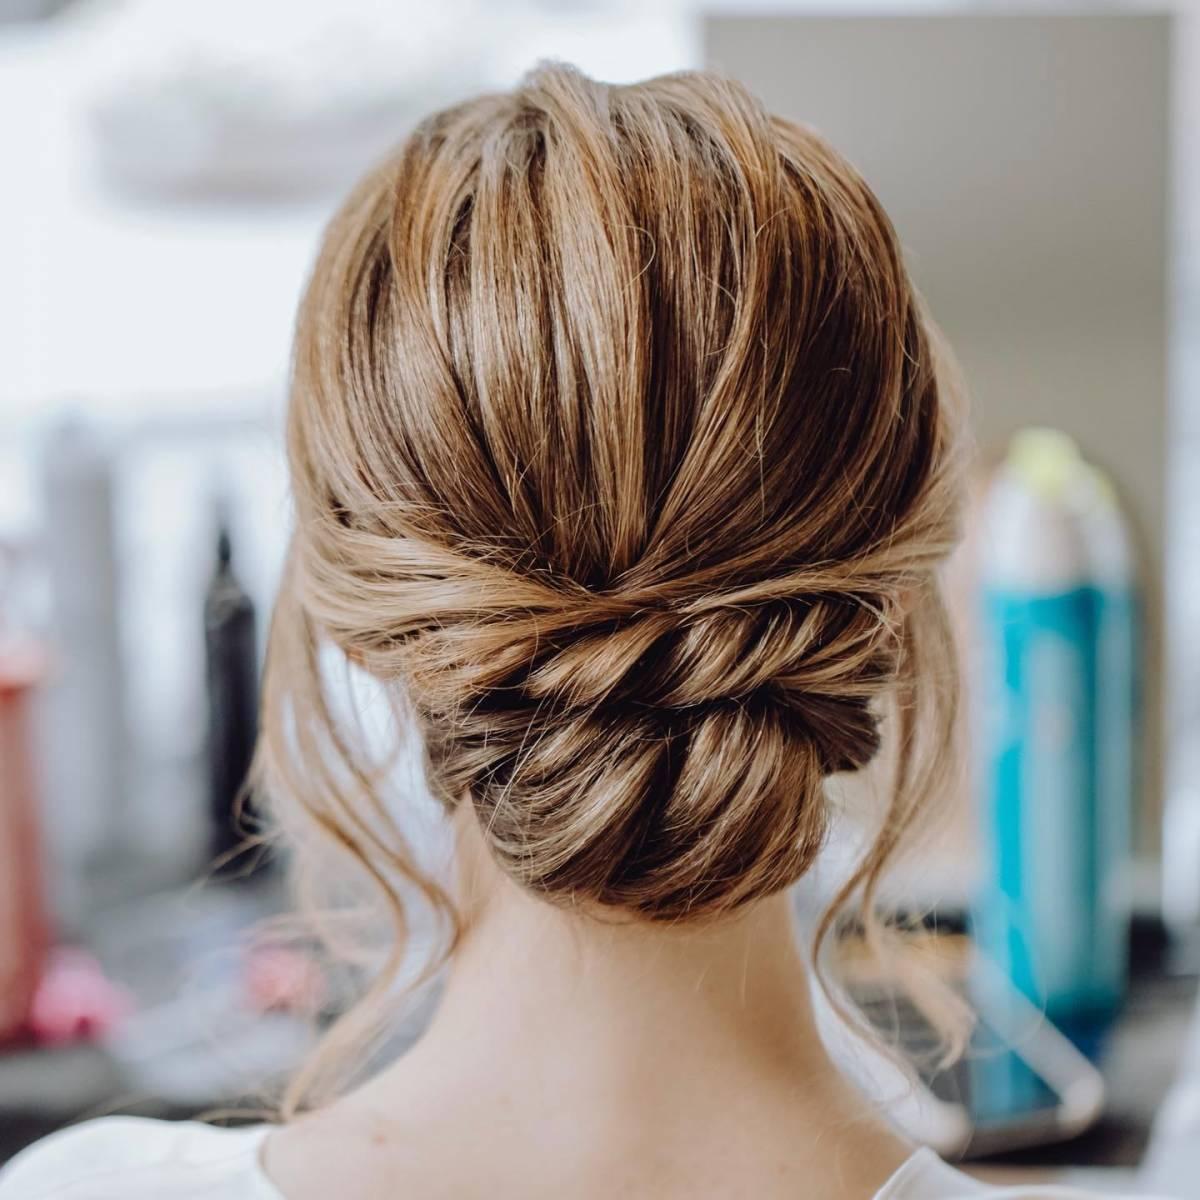 Anske Van Acker Make-up & Hair - Fotograaf lux visual storytellers ( Jana Pollet ) - House of Weddings - 2